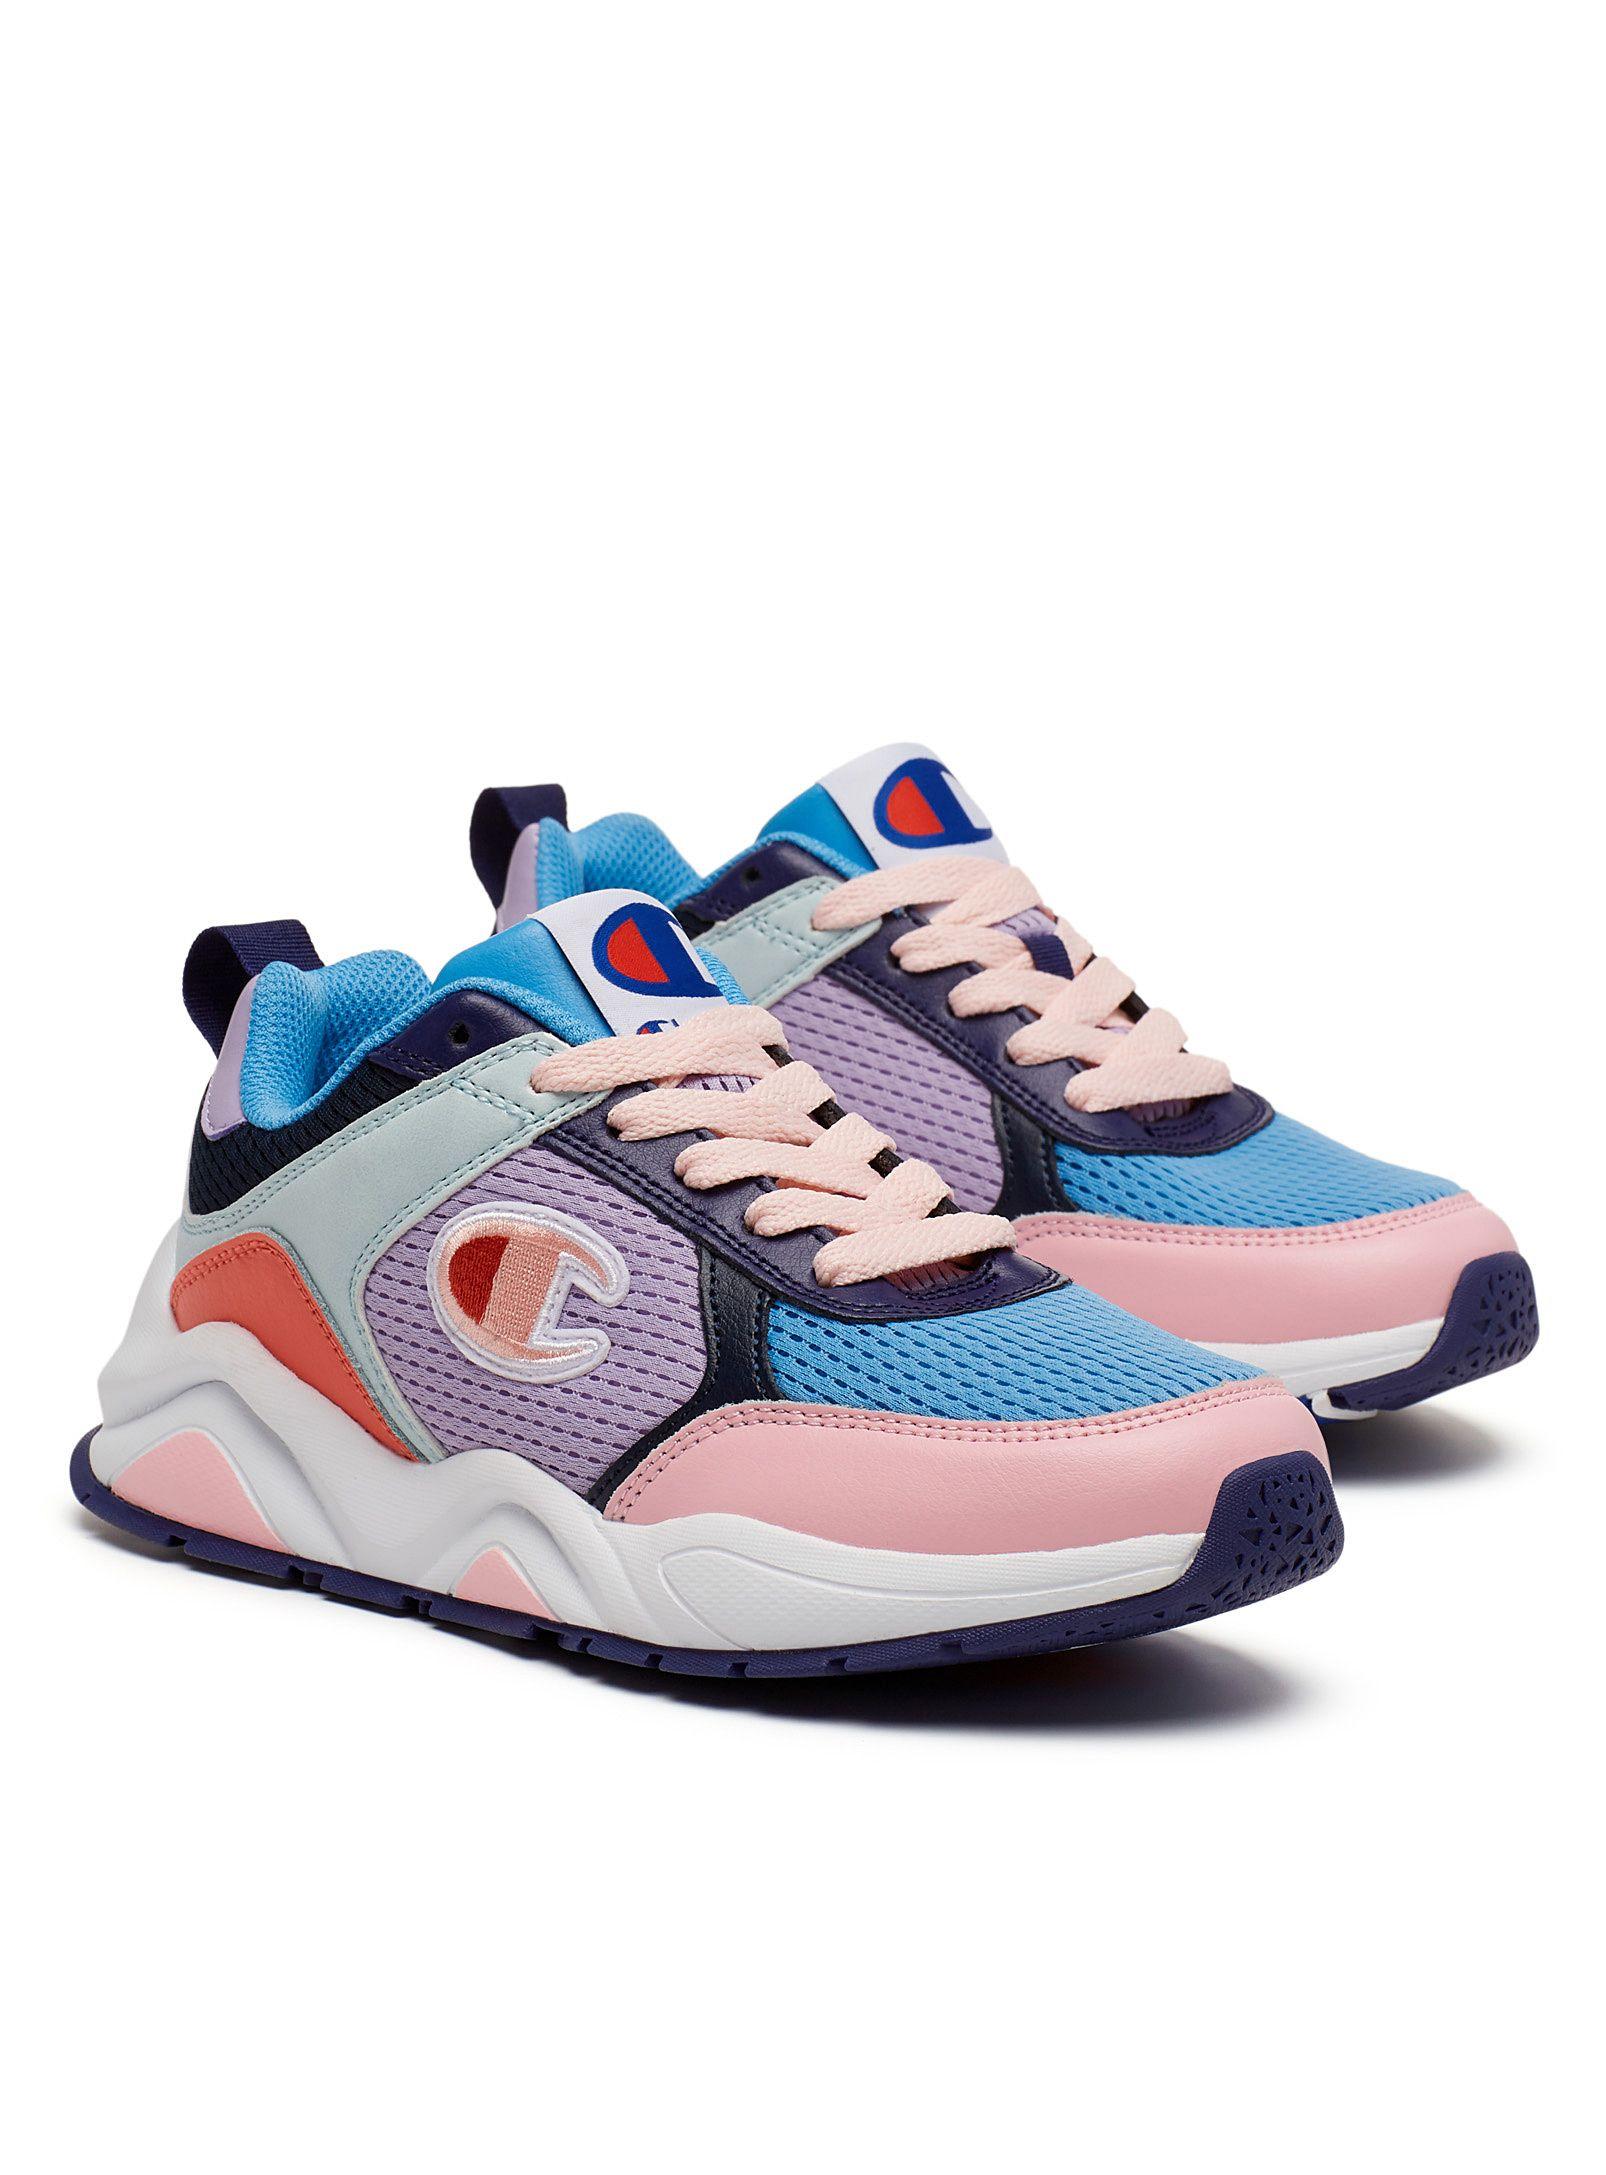 sneakers Women | Sneakers \u0026 Running